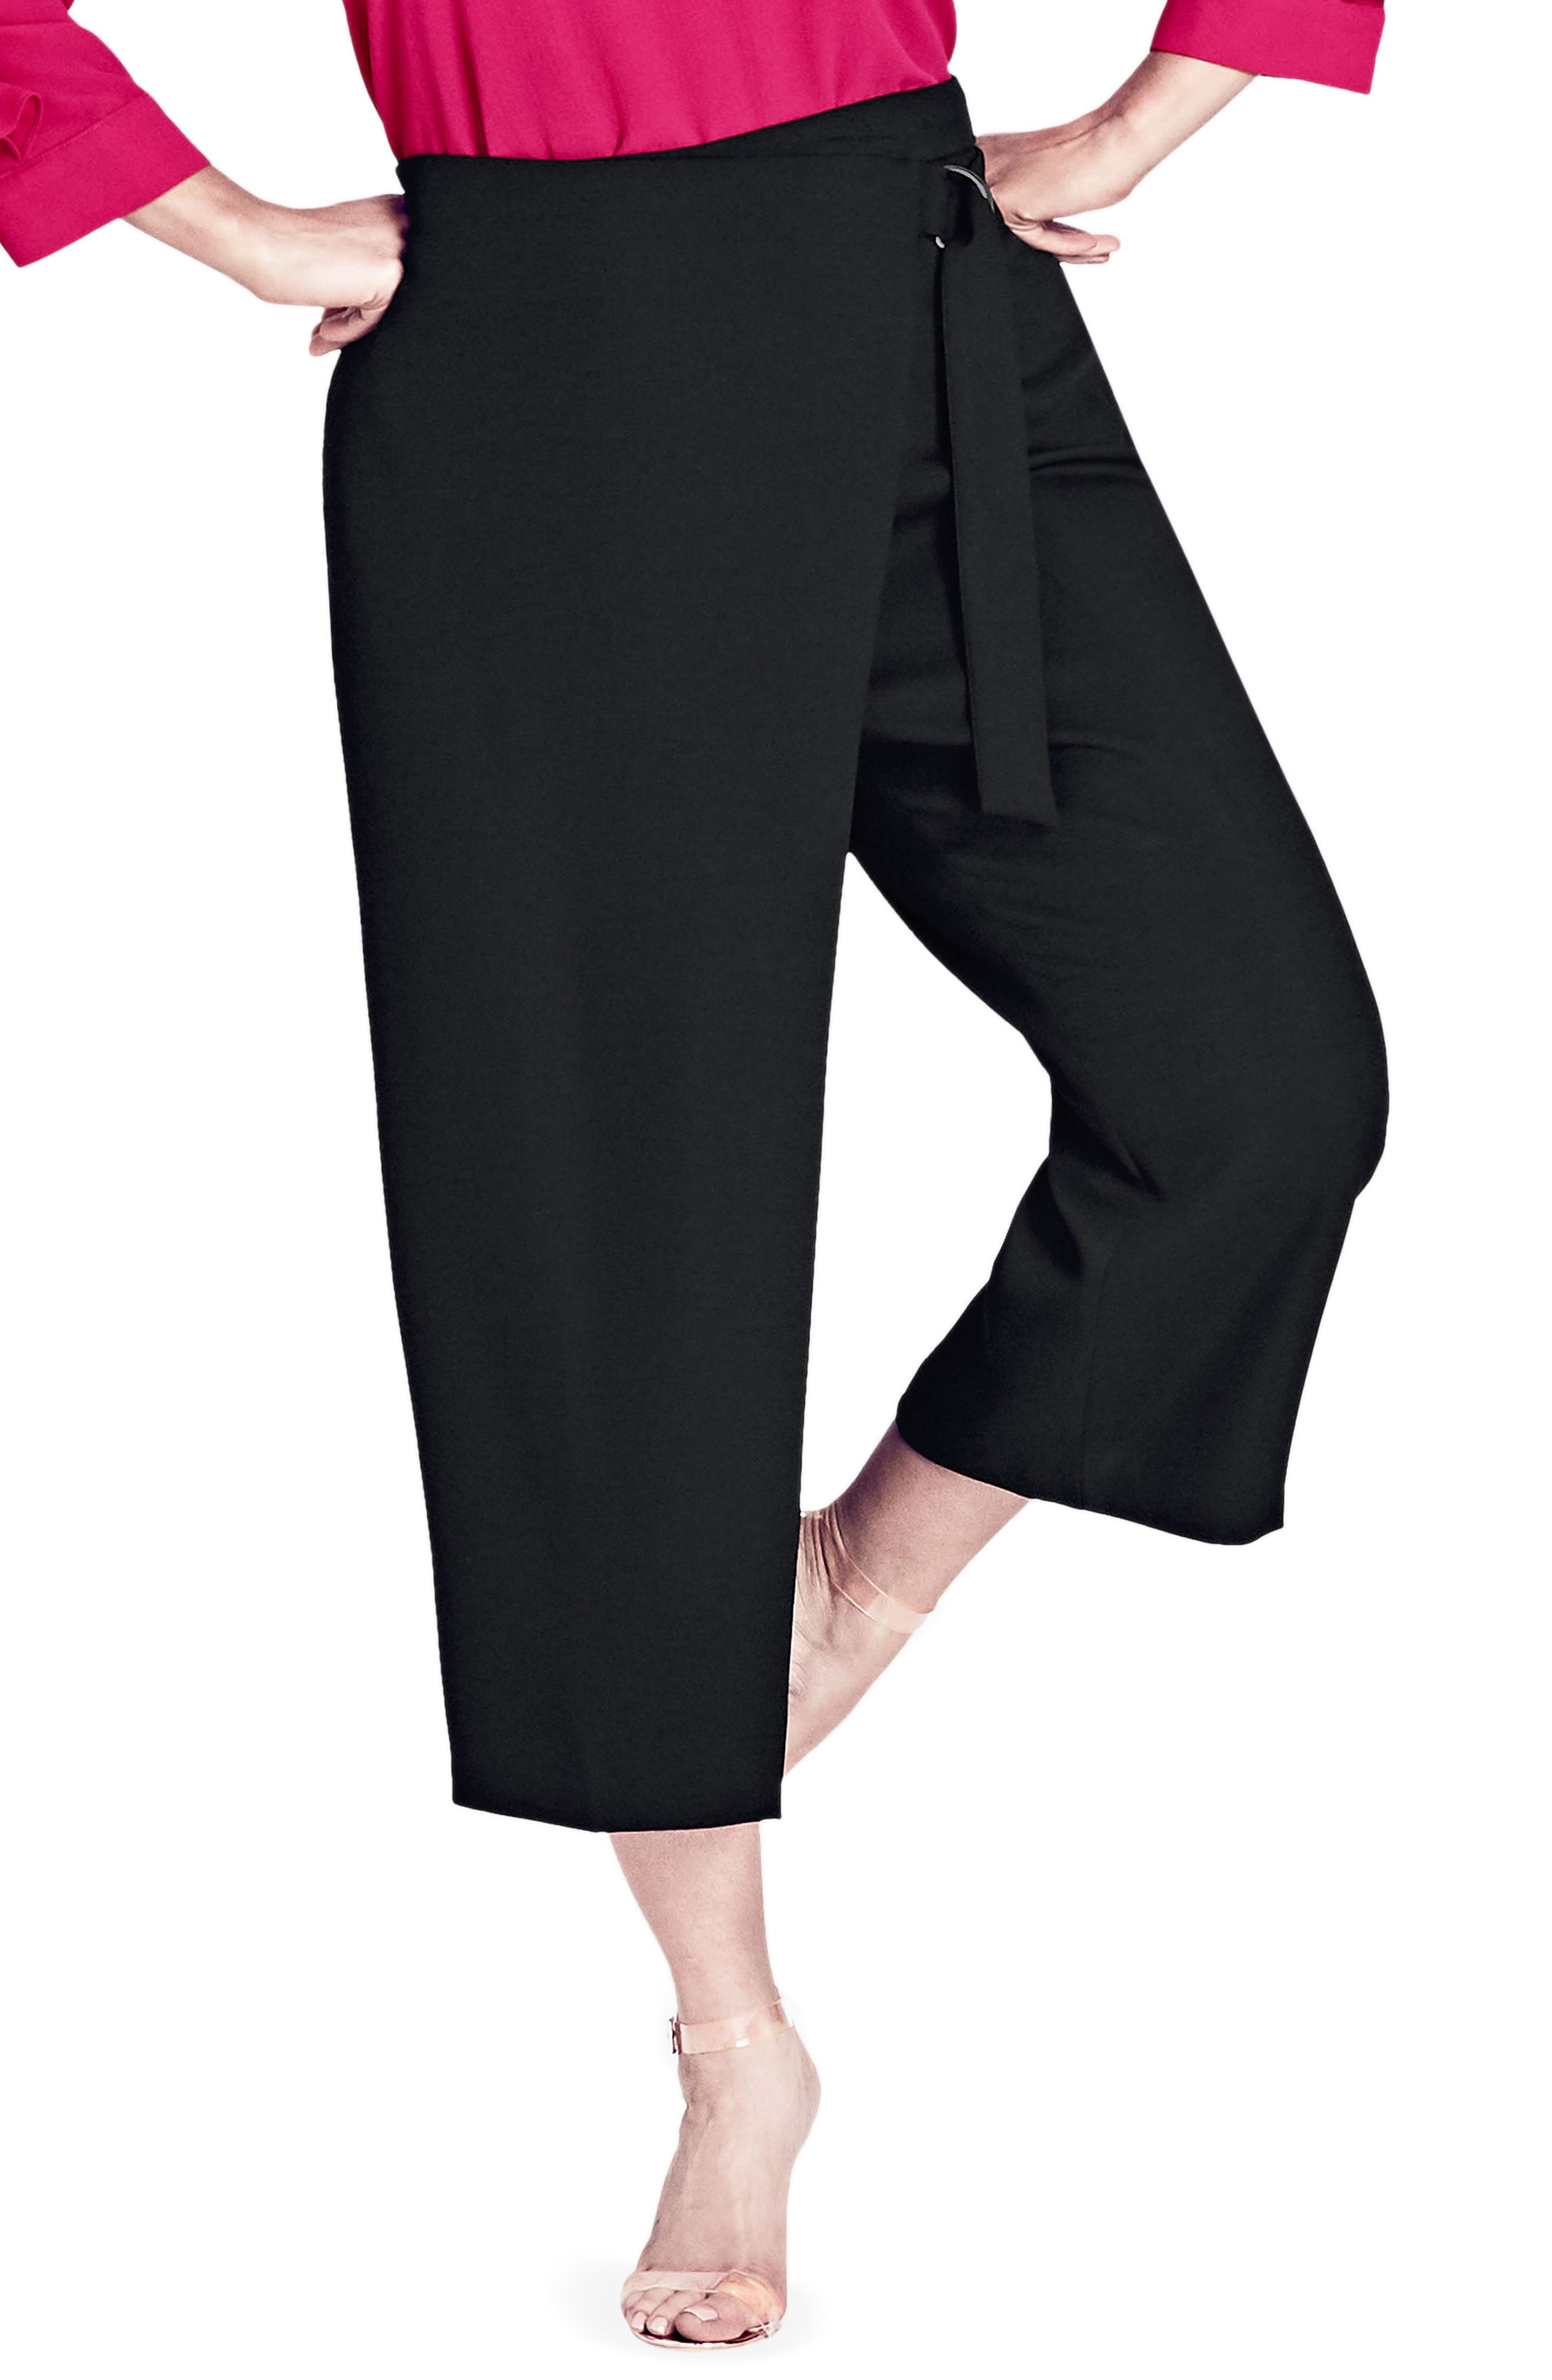 Main Image - City Chic Wrap Up Crop Pants (Plus Size)